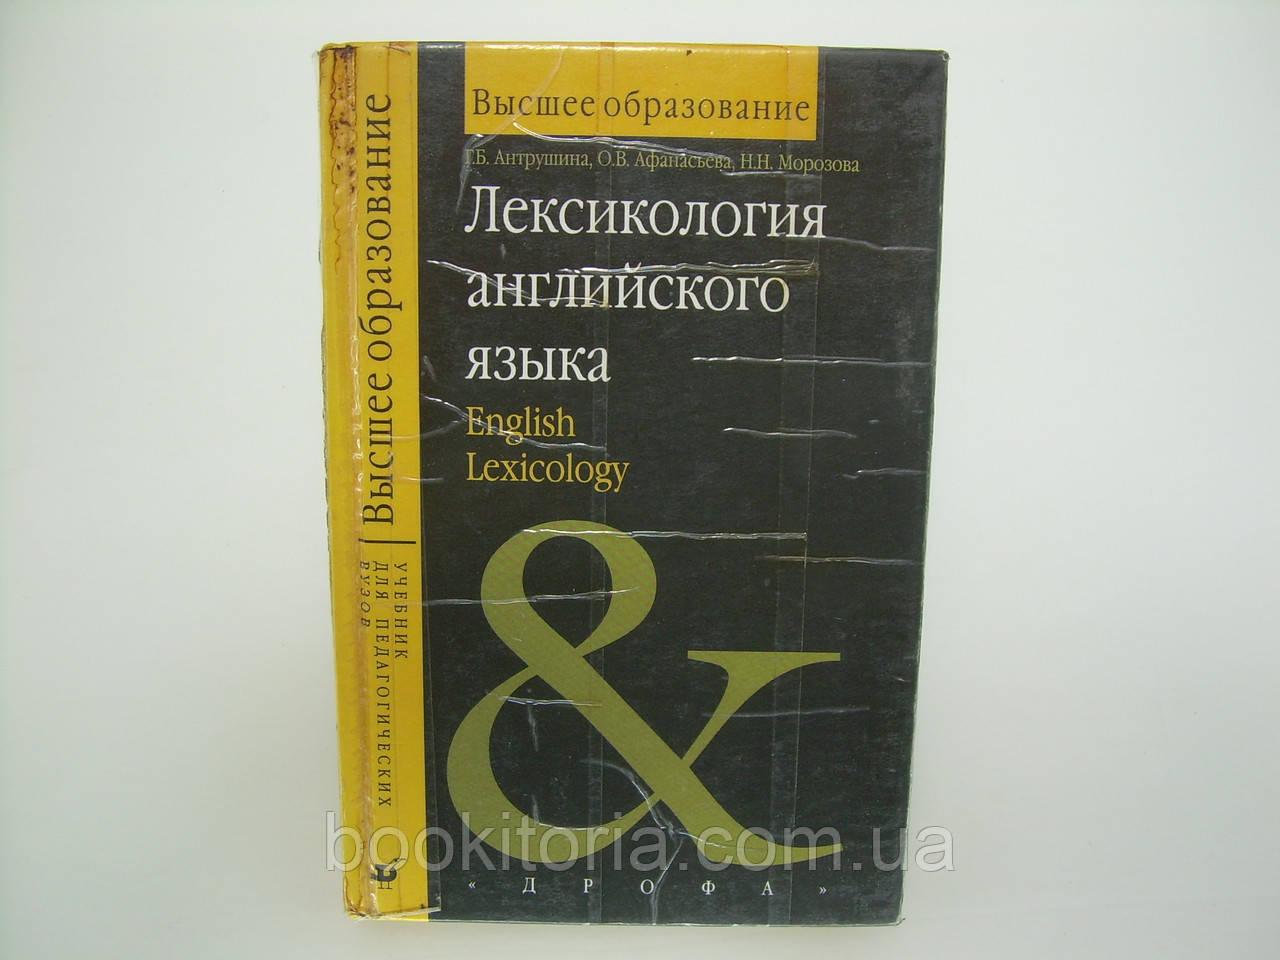 Антрушина Г.Б. и др. Лексикология английского языка (б/у).